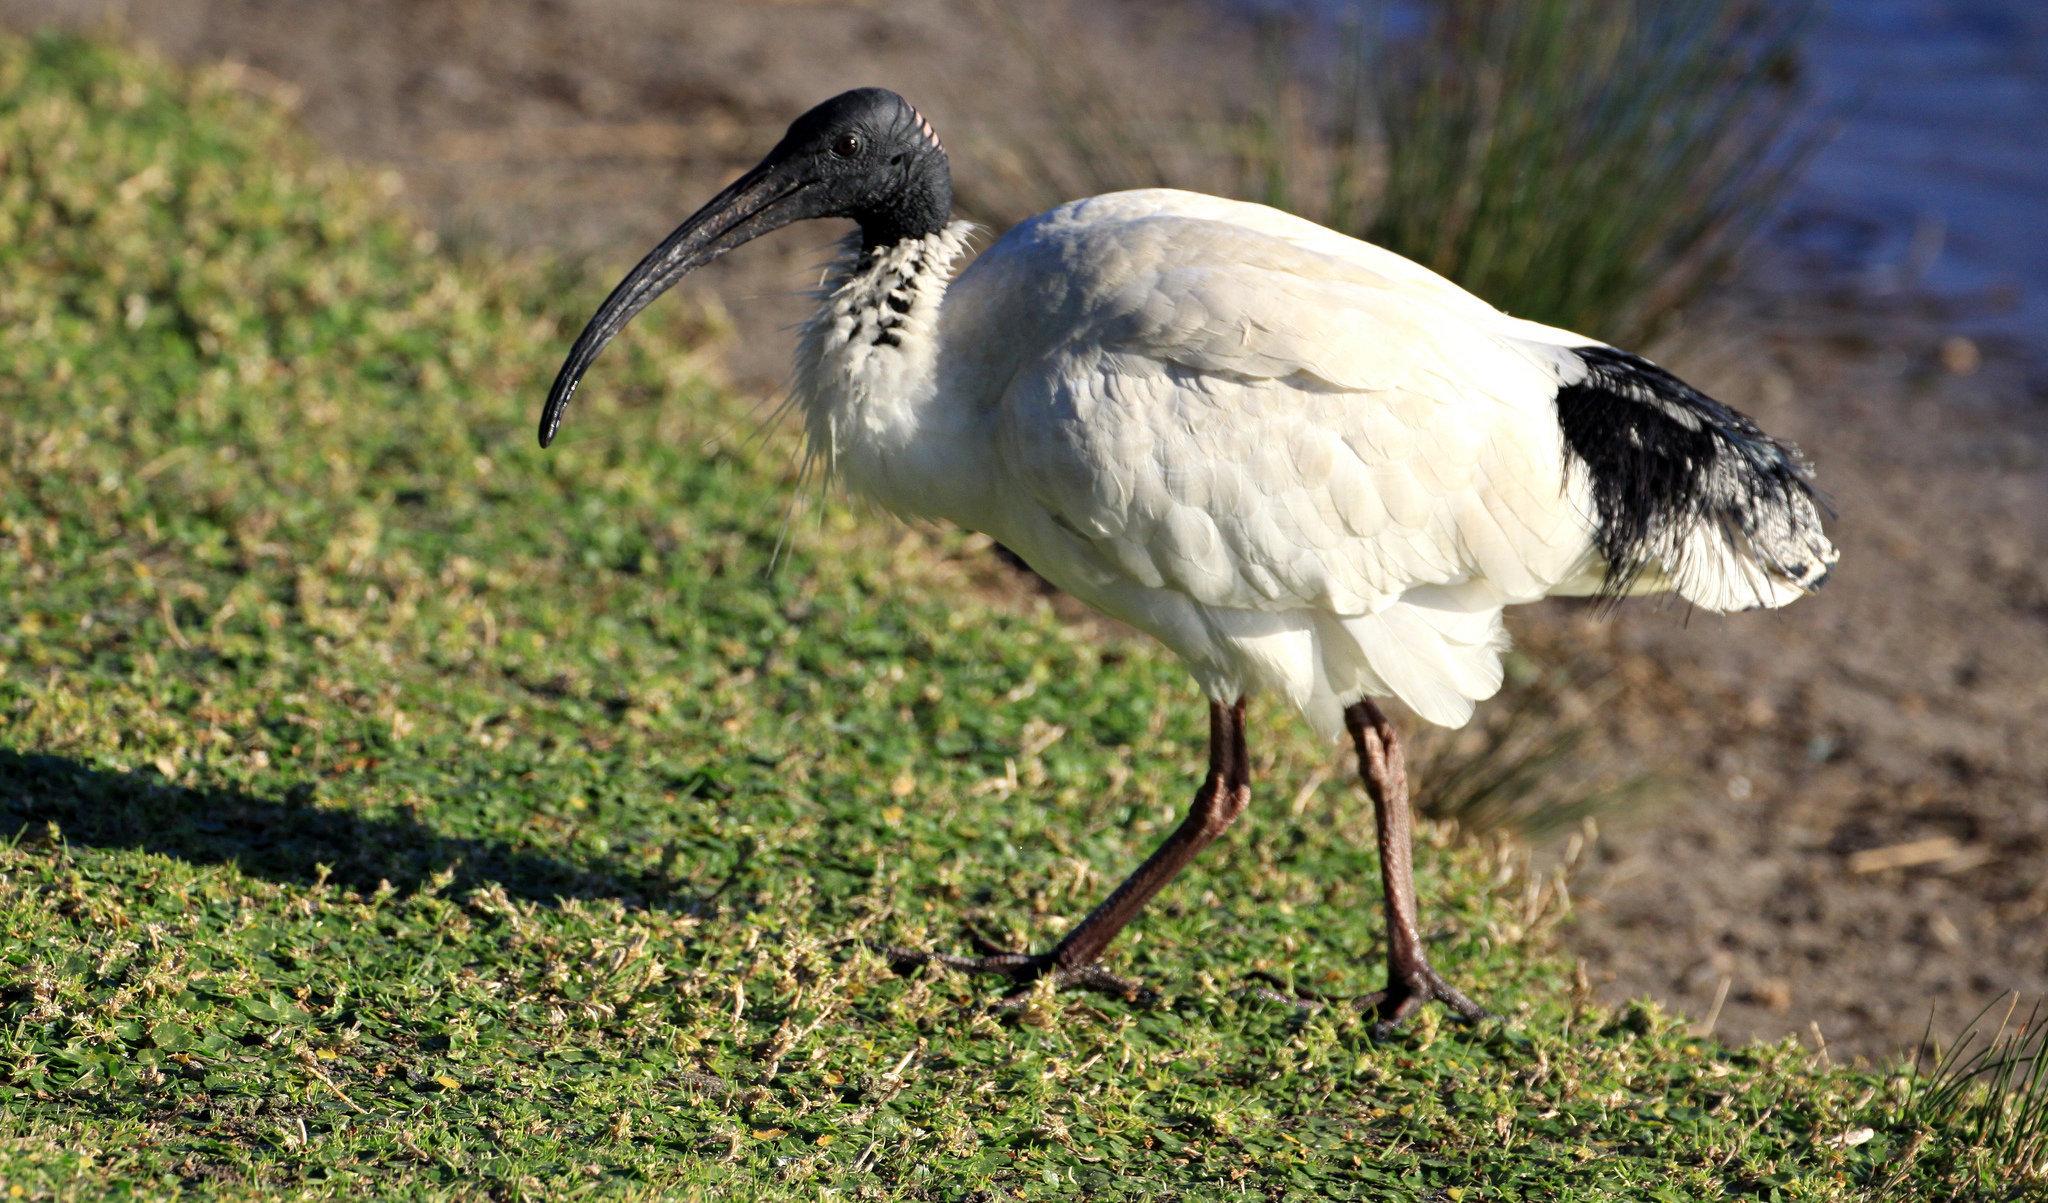 Ibis (Threskiornis aethiopicus)